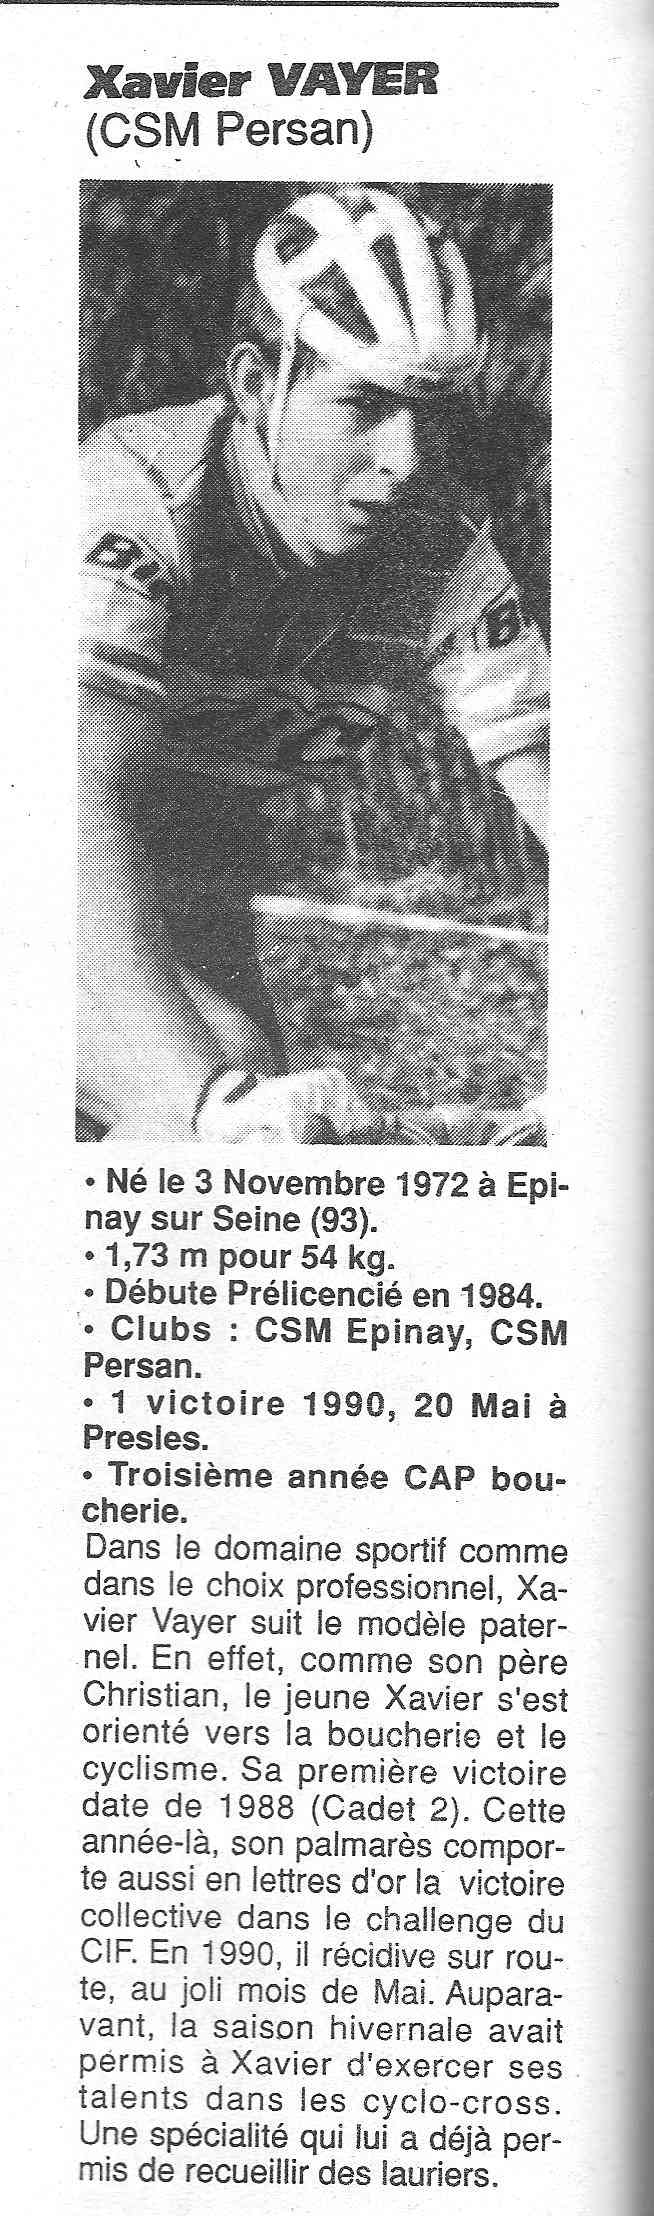 CSM.Persan. BIC. Toute une époque de janvier 1990 à novembre 2007 - Page 6 1991_064